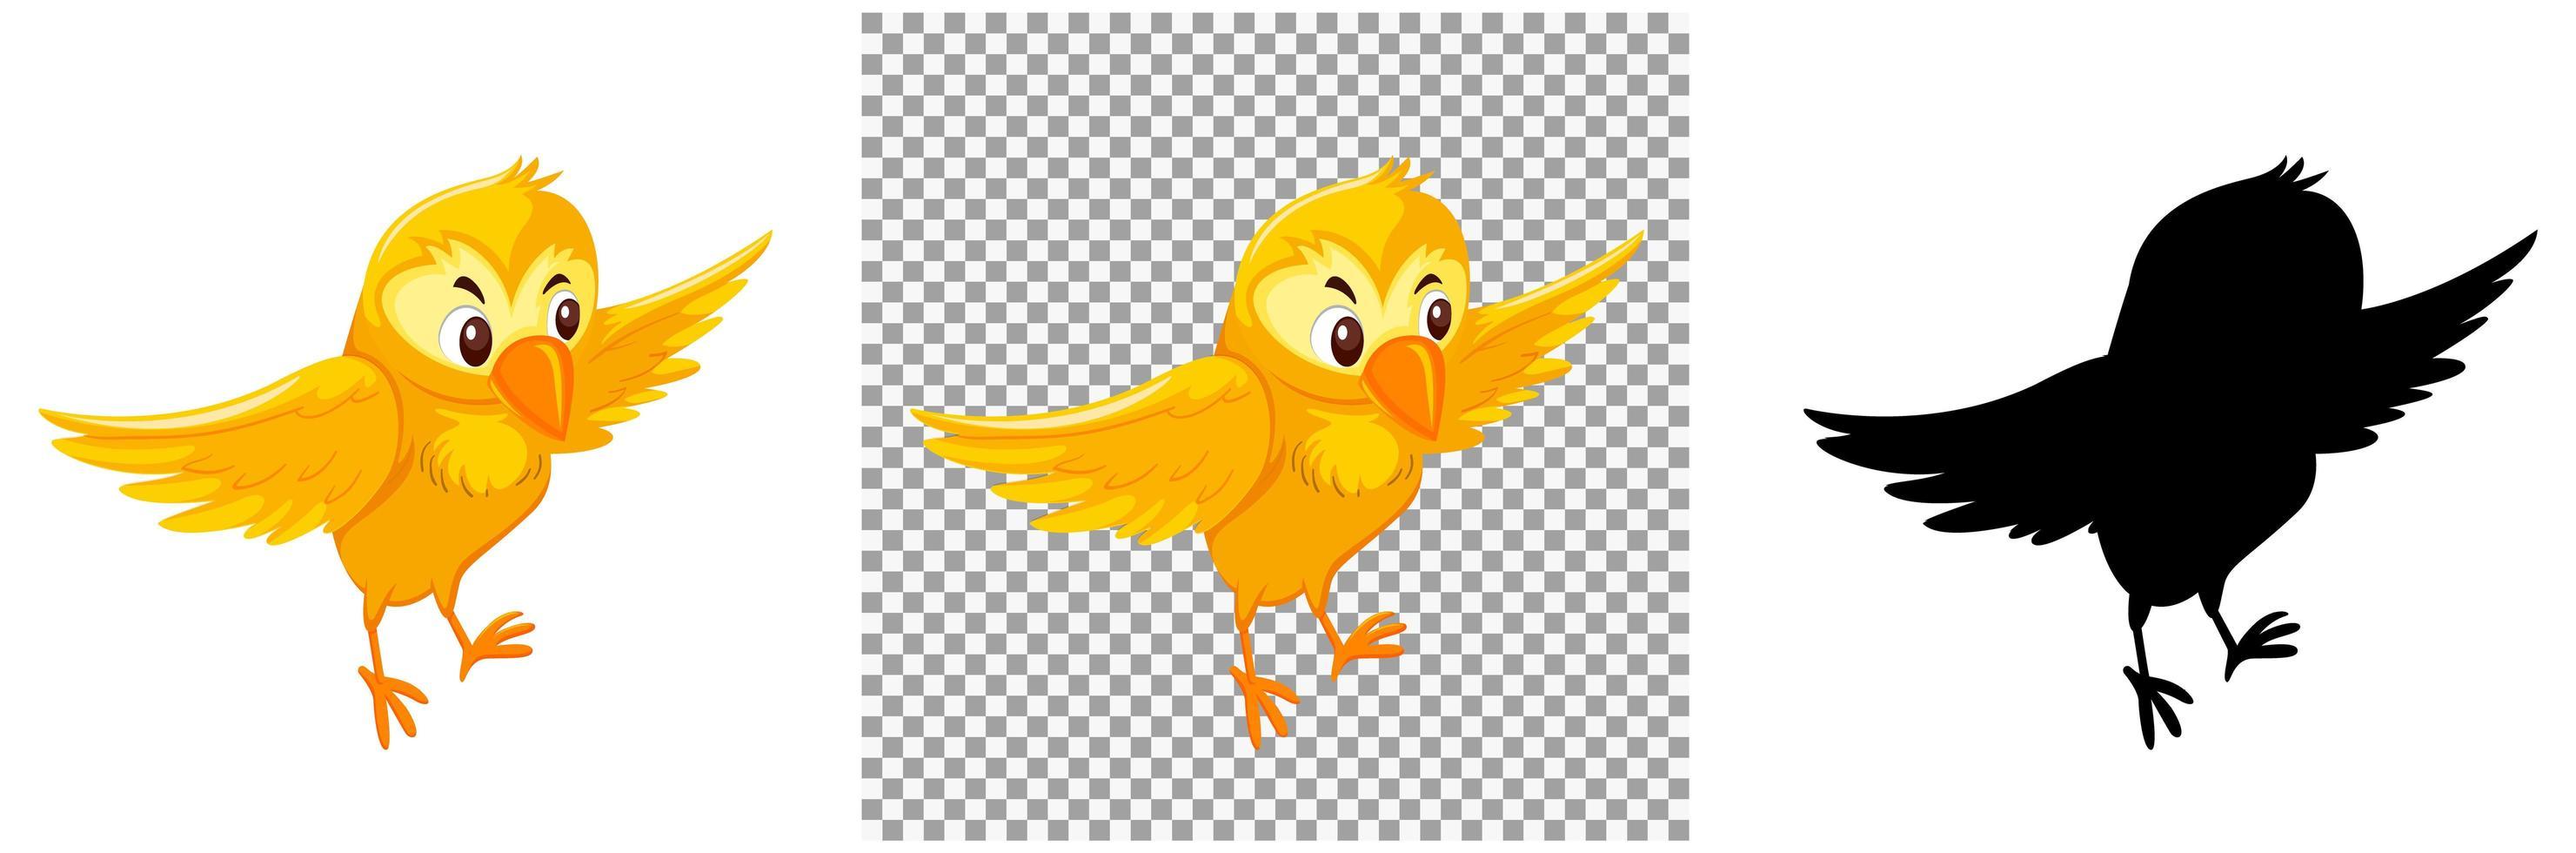 personnage de dessin animé mignon oiseau jaune vecteur